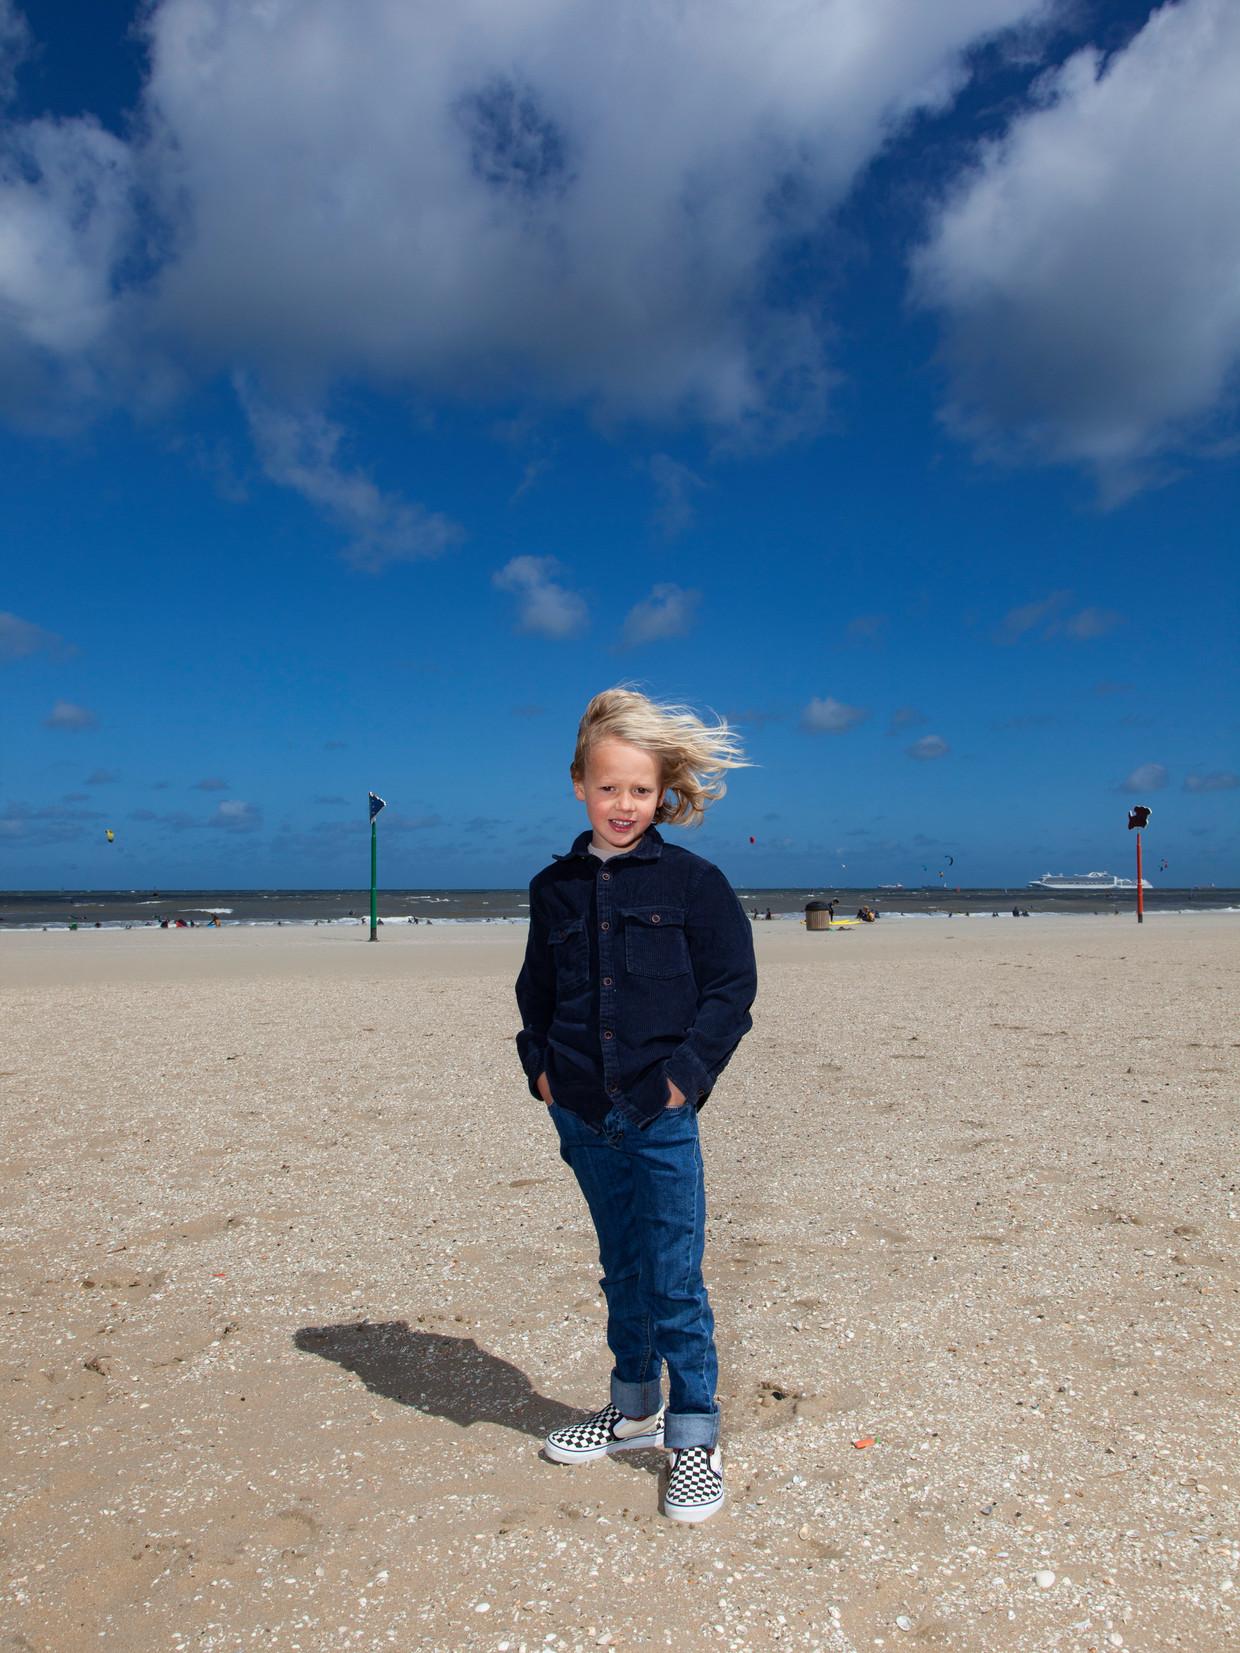 Lewis van der Ree: 'Ik wil graag naar Venus, want daar regent het zwavel, heeft papa verteld.'